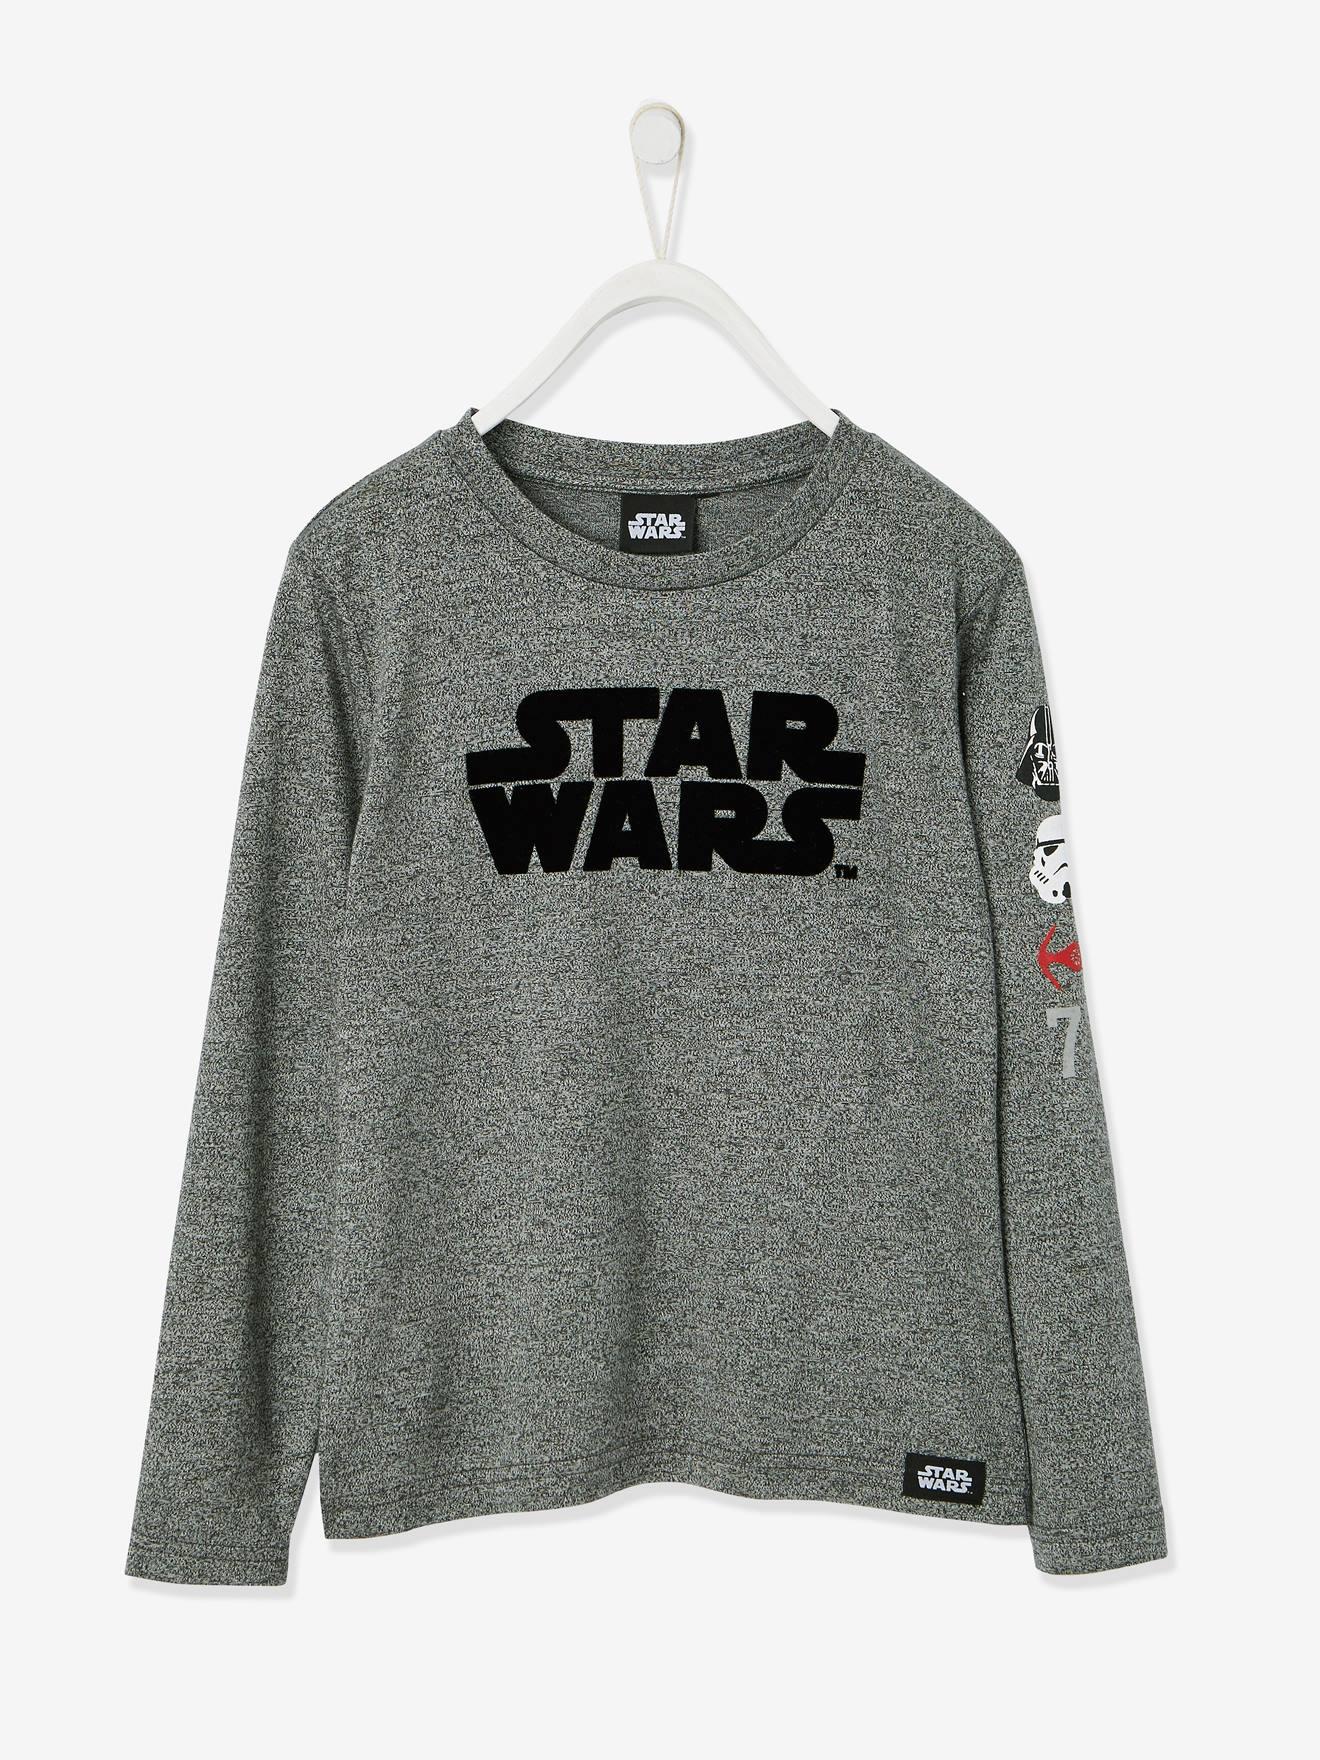 SOLDES - T-shirt garçon Star Wars® manches longues noir